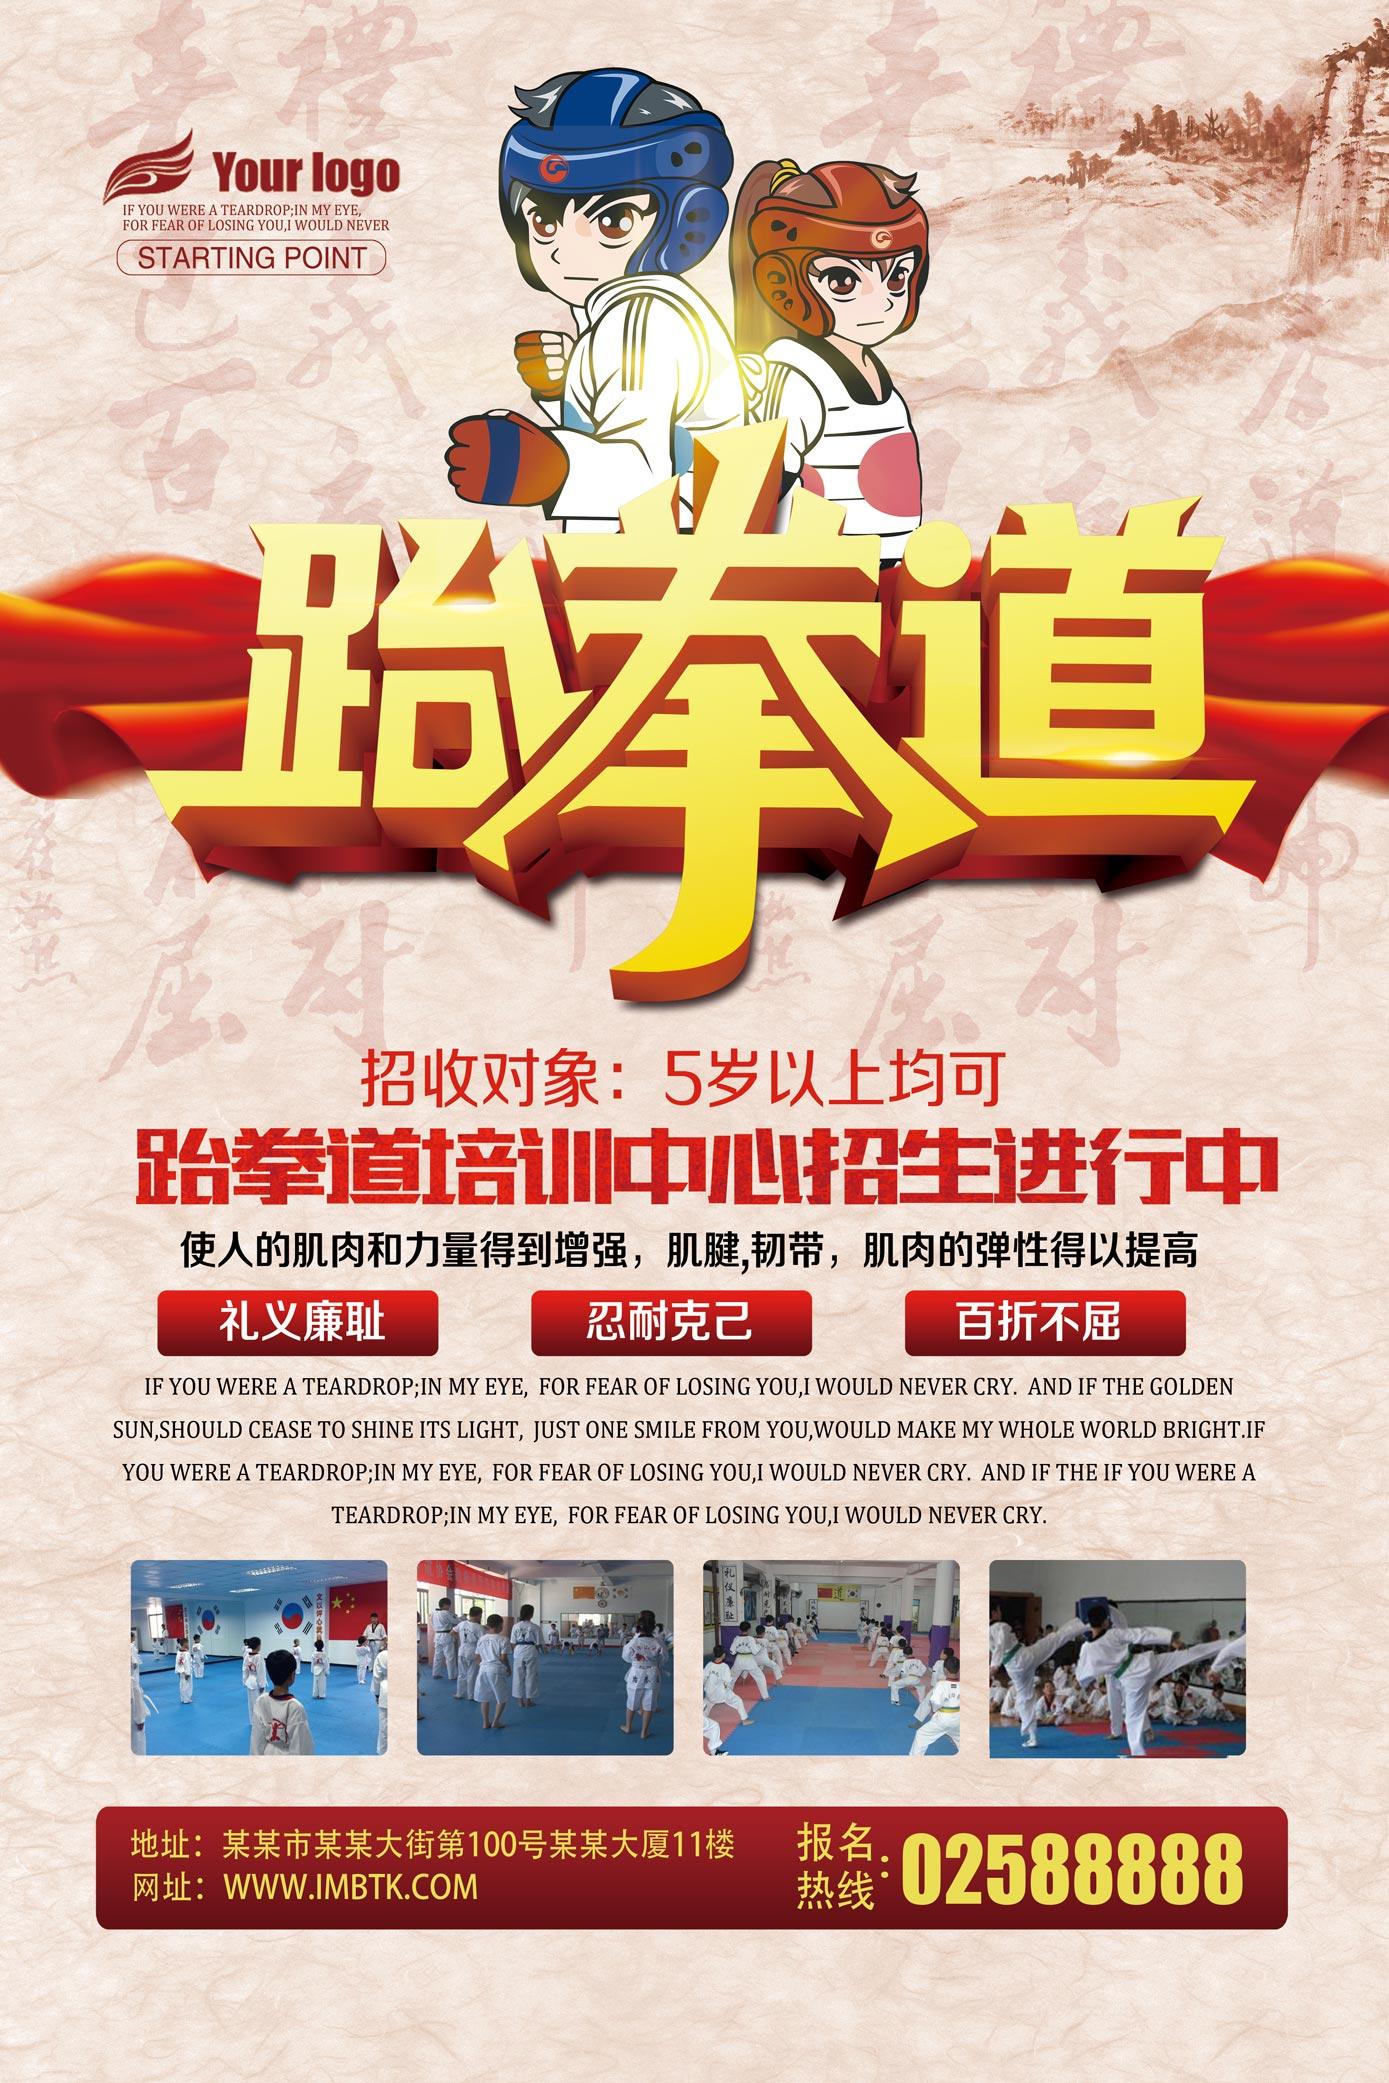 热血沸腾的跆拳道招生海报广告设计